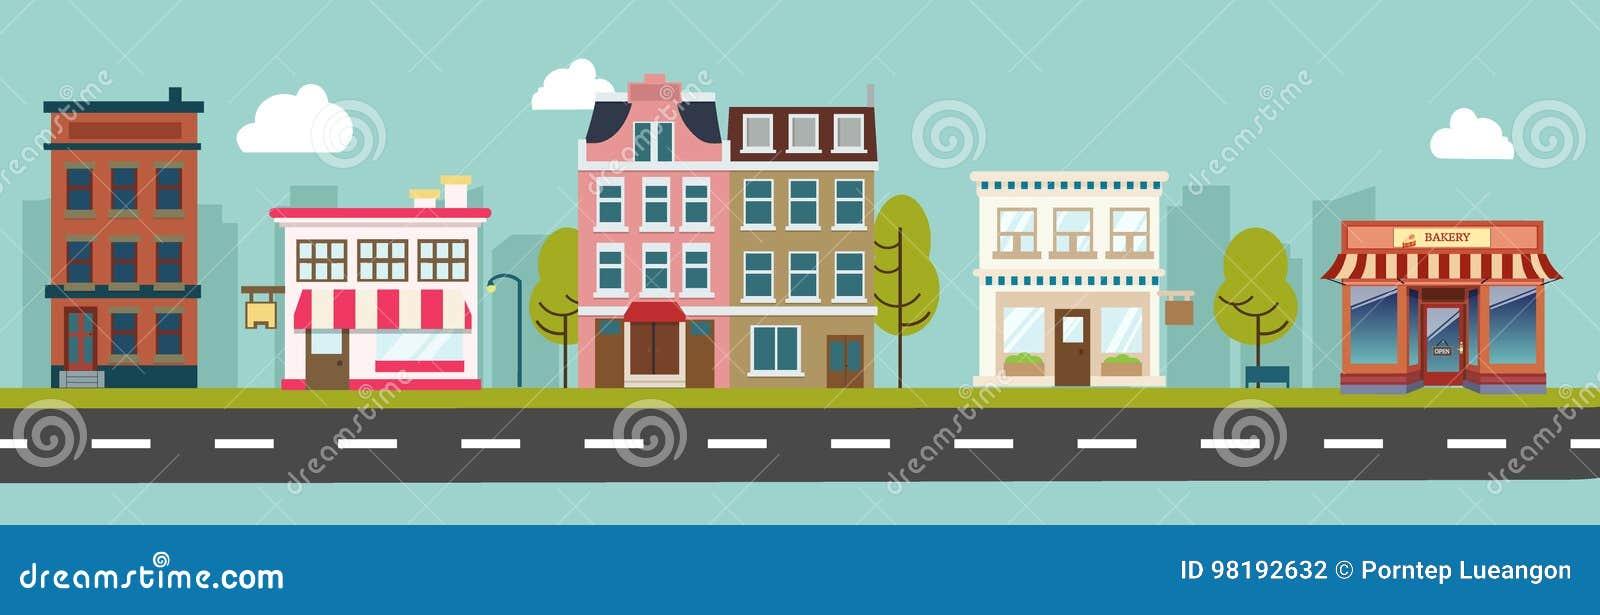 Vecteur de rue principale de ville et de bâtiments de magasin